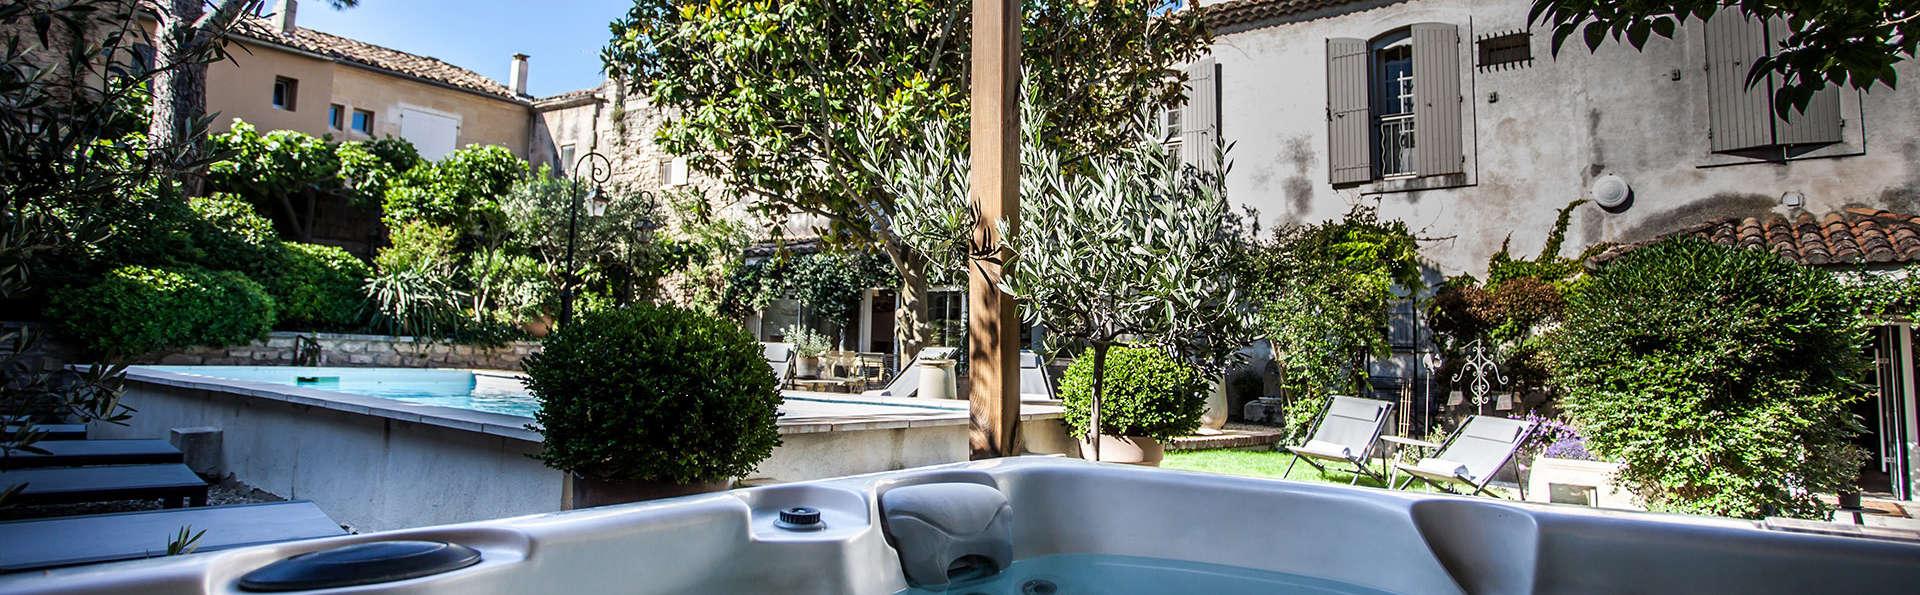 Week-end de charme entre Arles et les Baux-de-Provence